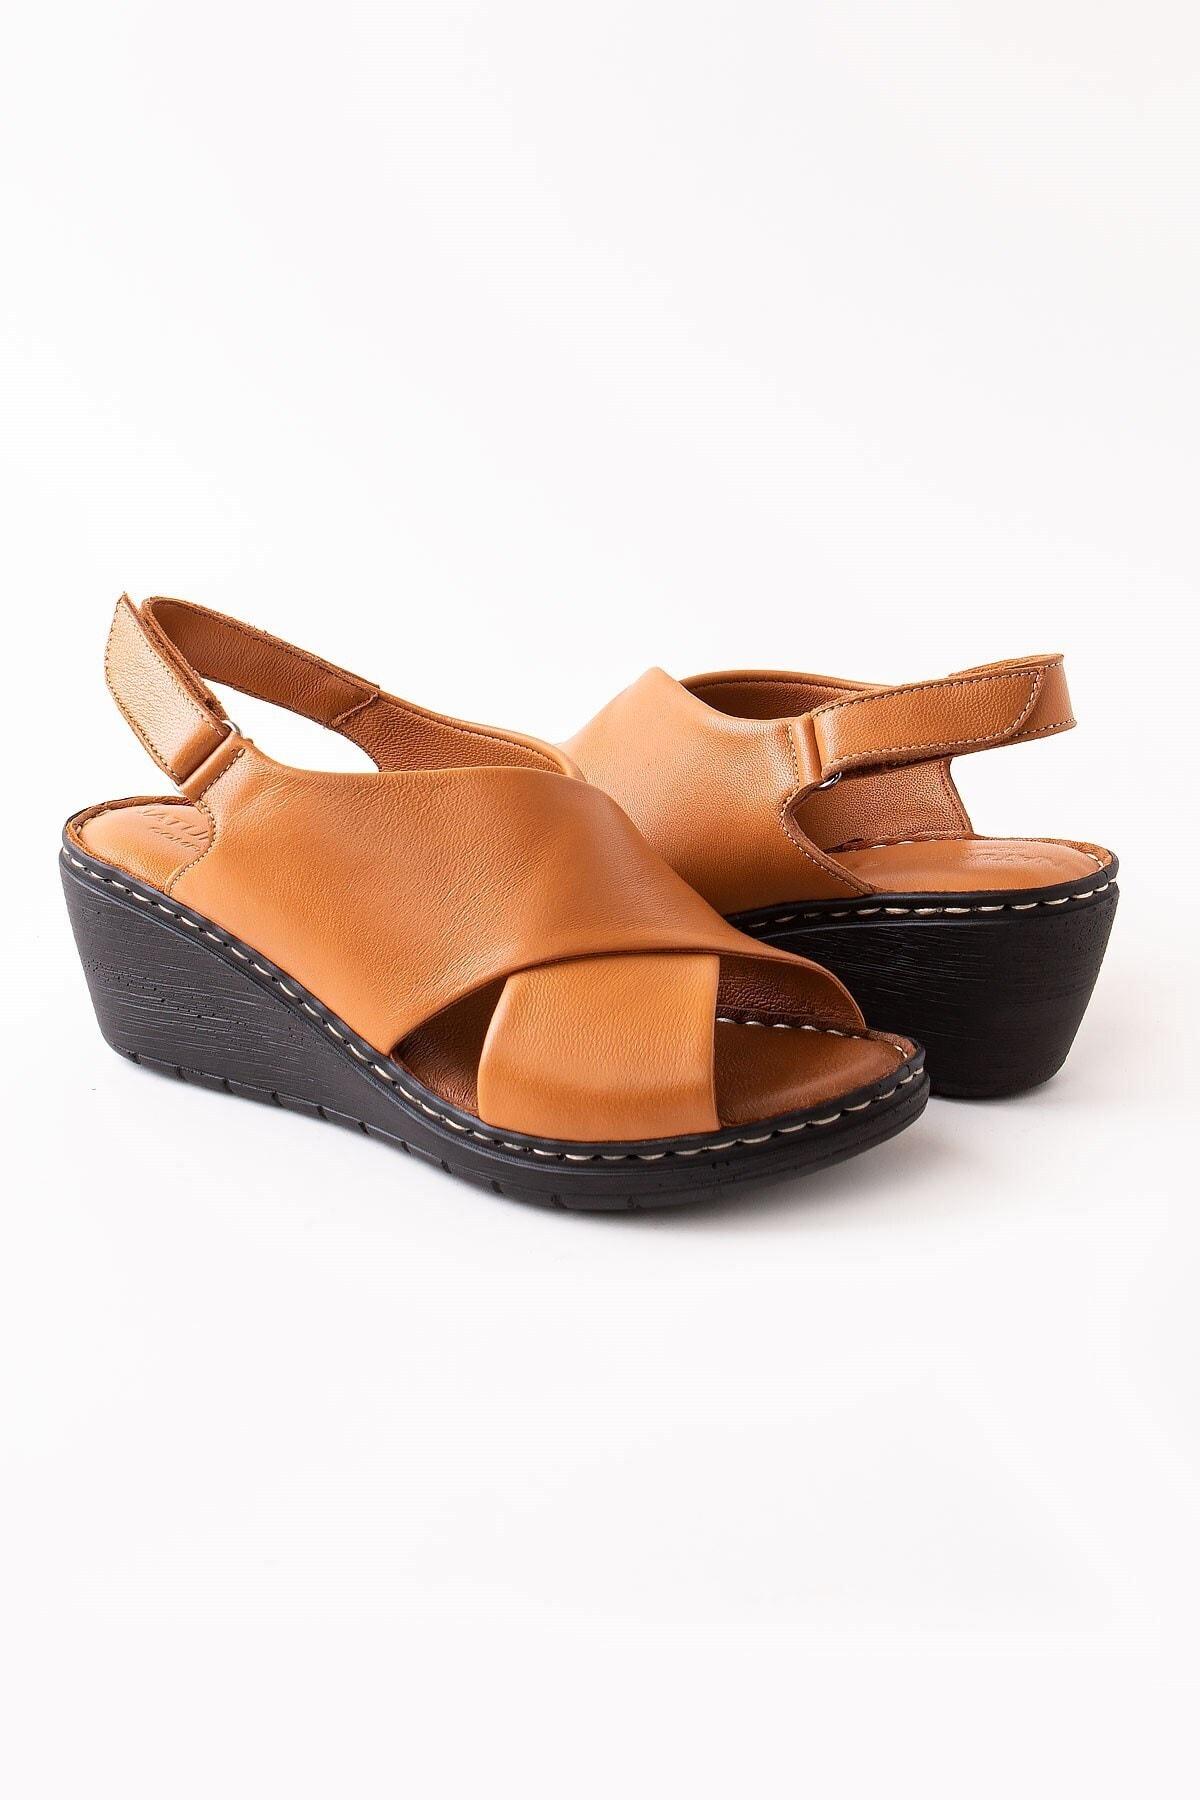 Modaviki Kadın Kahverengi Ayakkabı